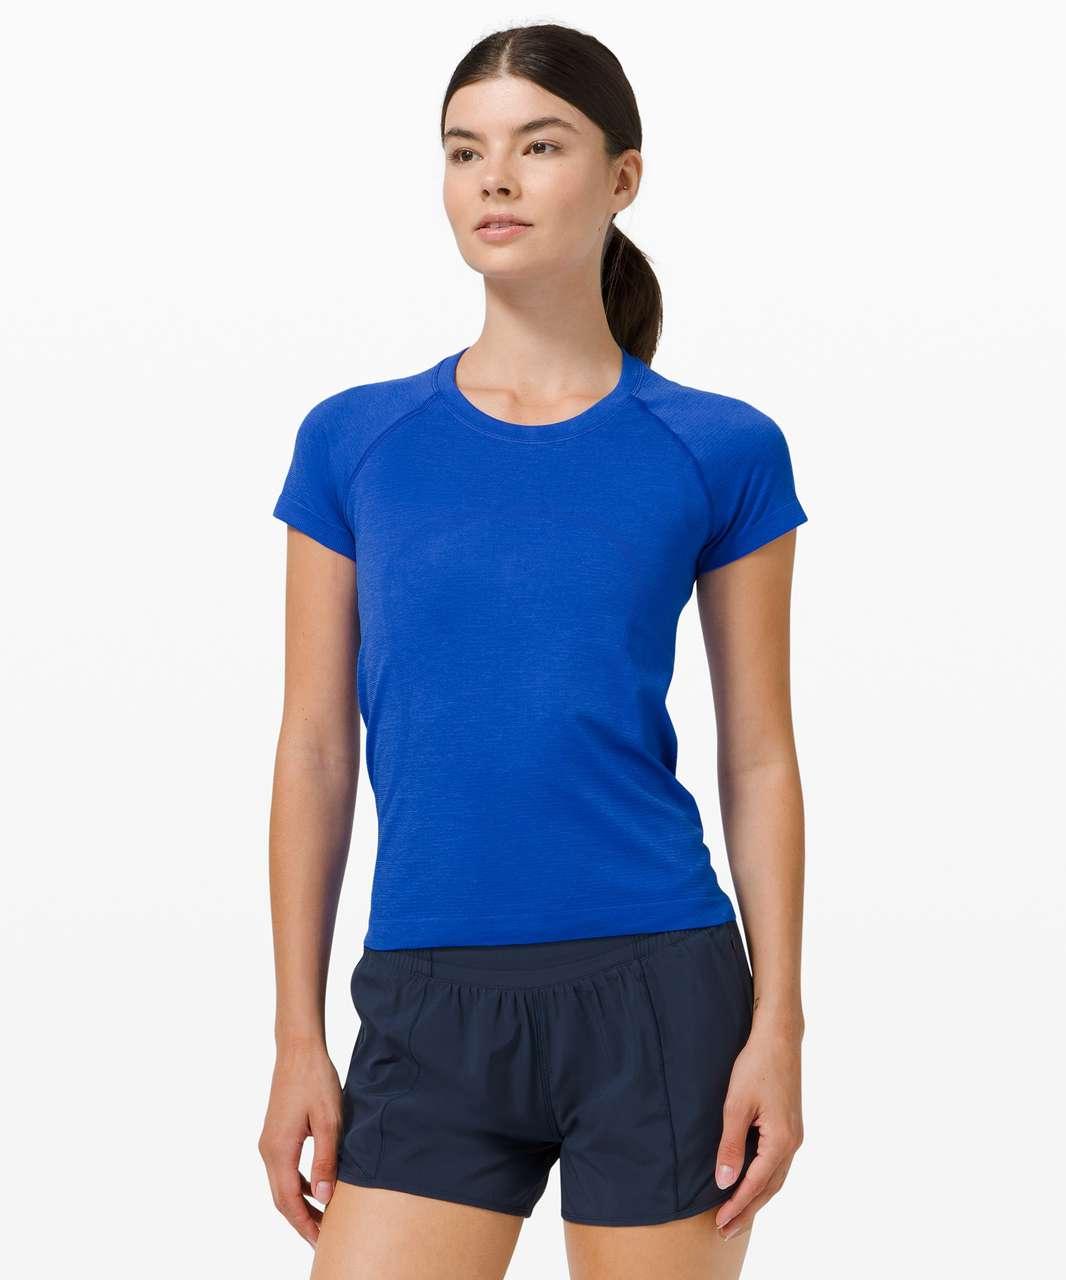 Lululemon Swiftly Tech Short Sleeve 2.0 *Race - Cerulean Blue / Cerulean Blue